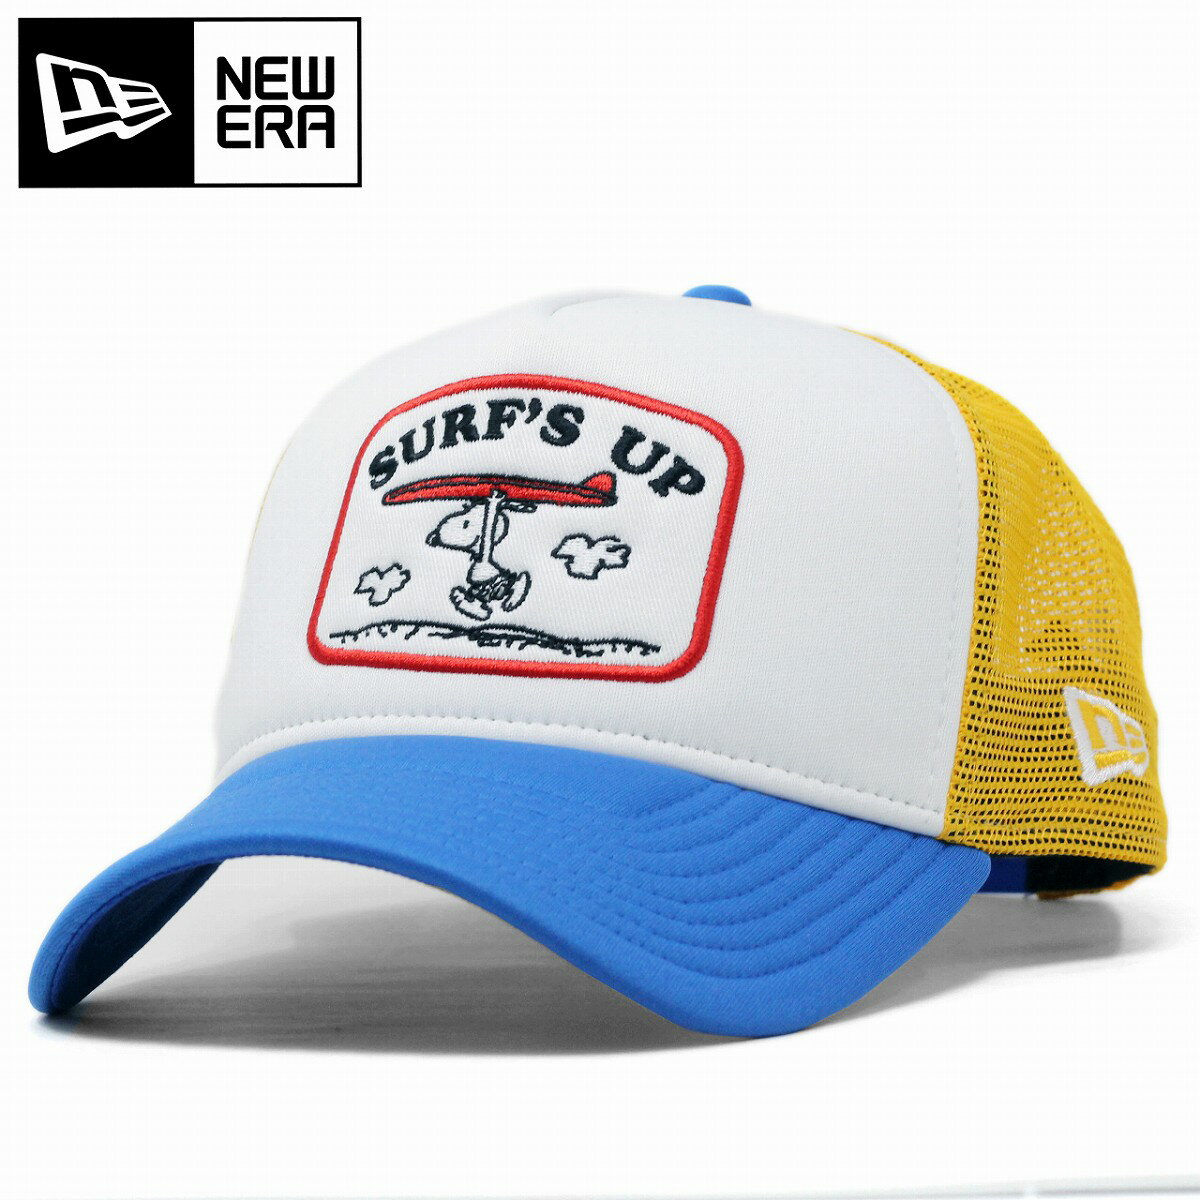 メンズ帽子, キャップ PENUTS 9FORTY A-Frame NEWERA baseball cap